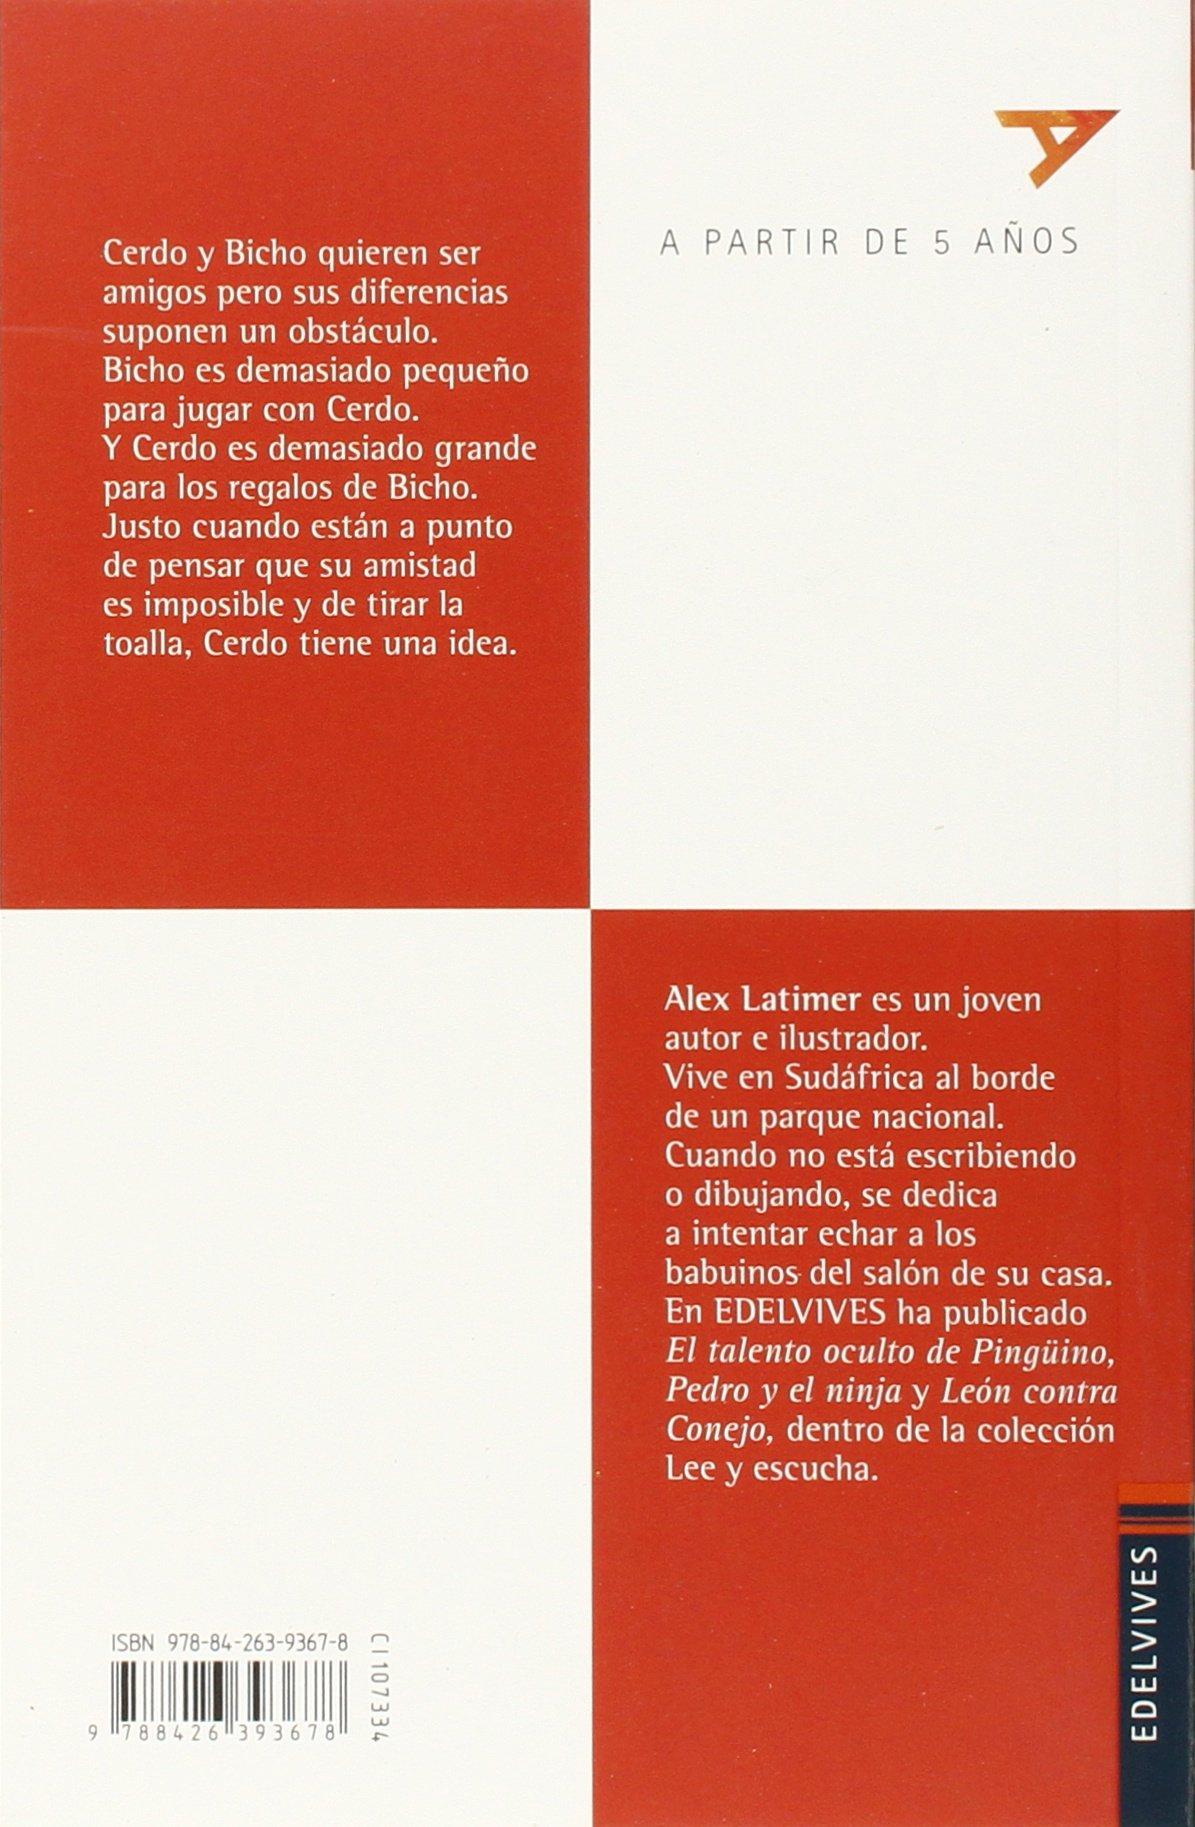 Cerdo y Bicho, una gran amistad/ Pig and Bicho, a great friendship (Spanish Edition): Alex Latimer: 9788426393678: Amazon.com: Books